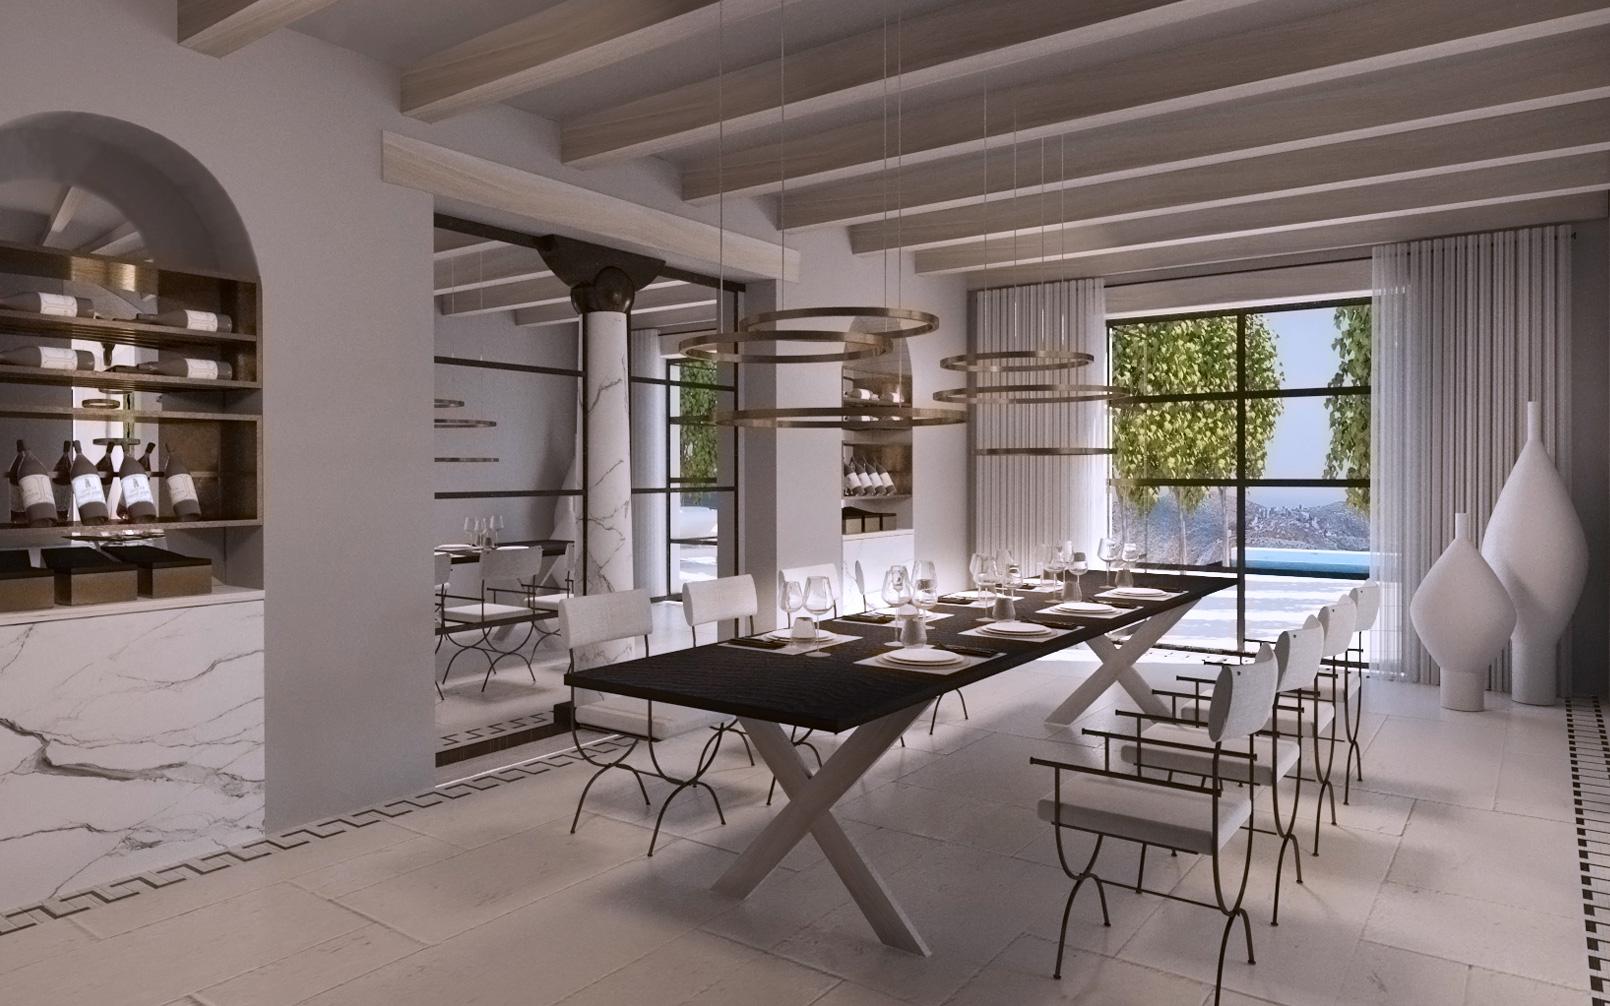 villa mani - speculative design entertaining